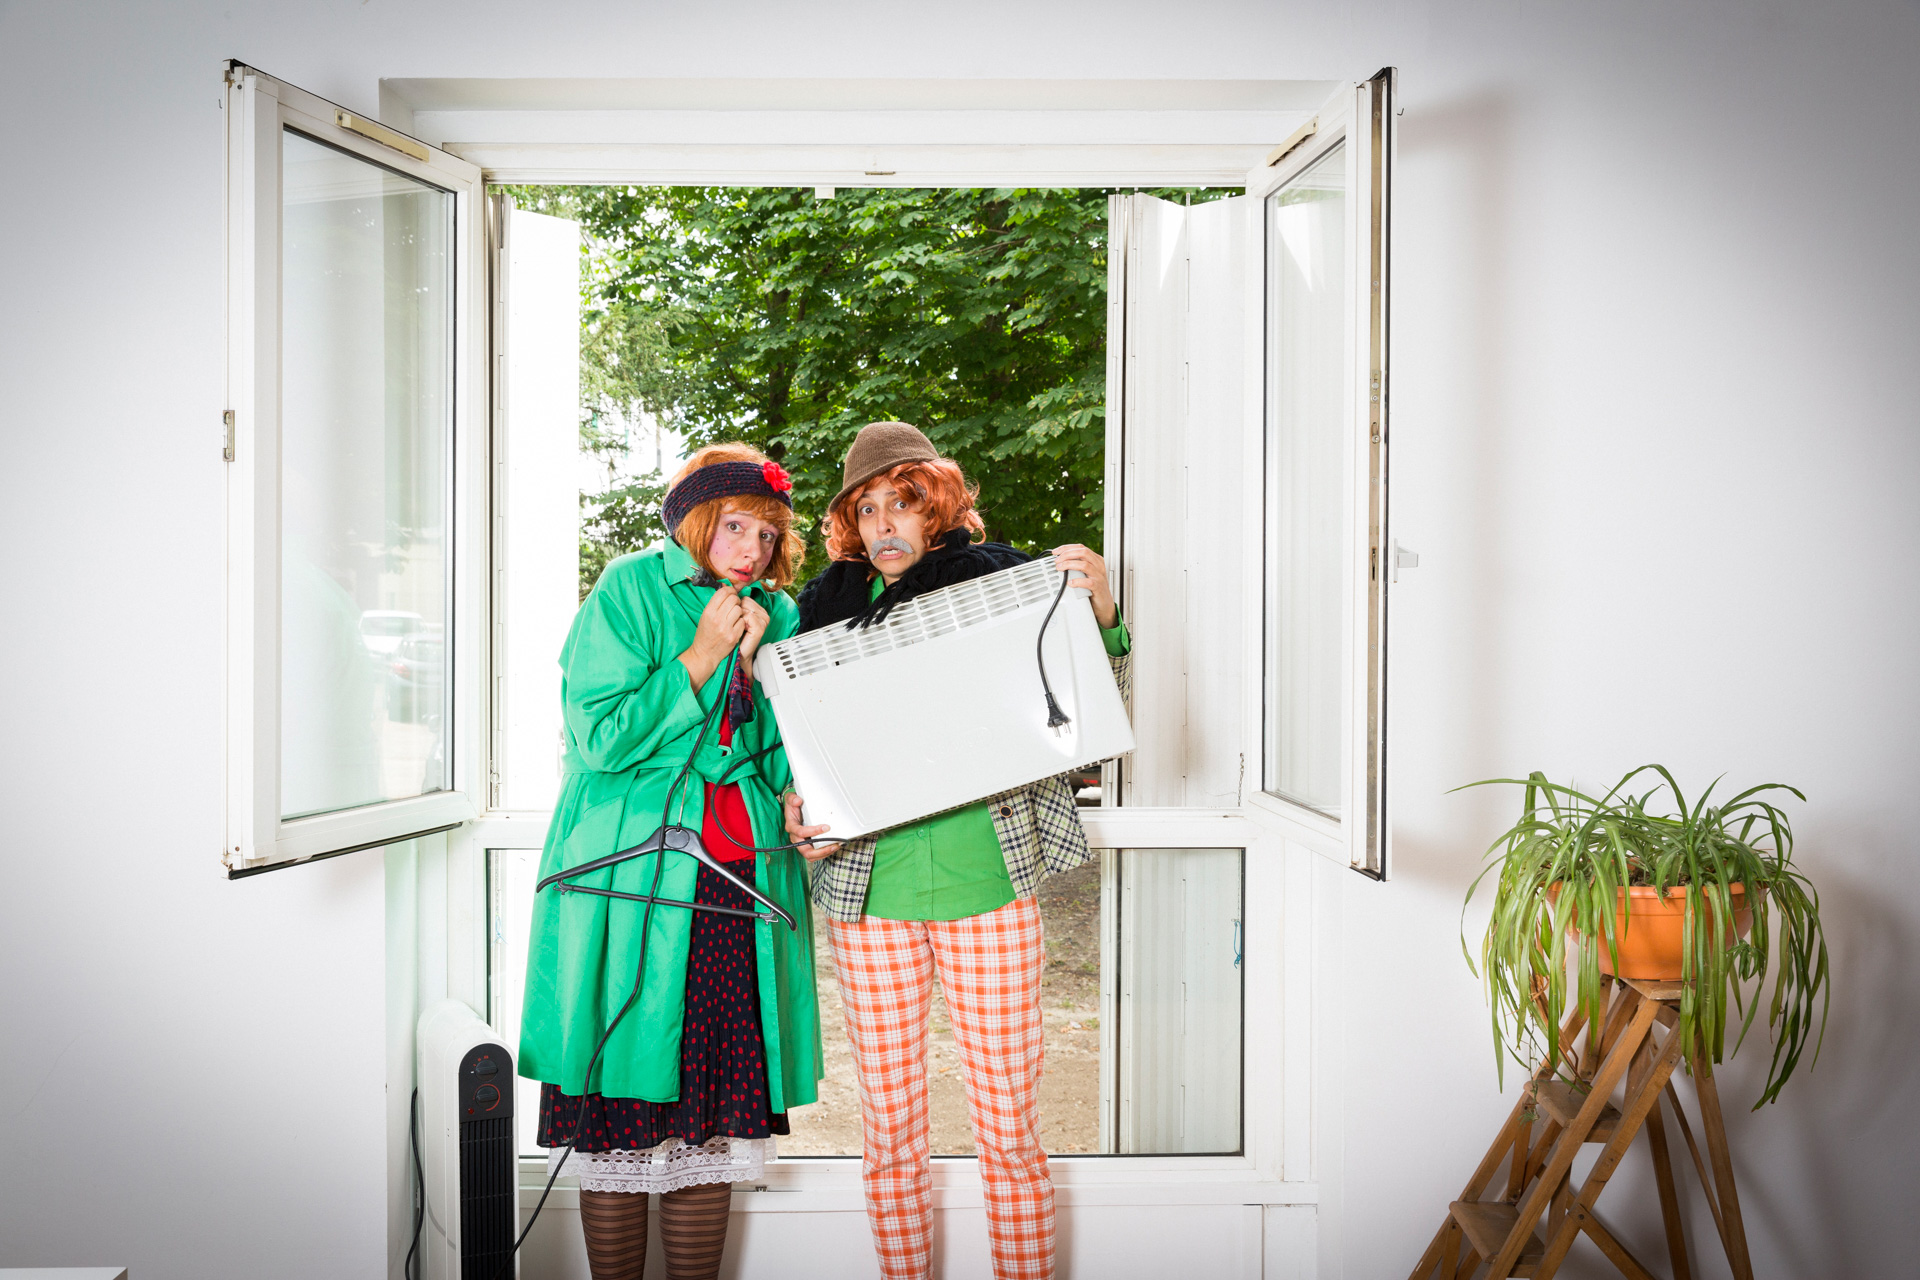 OSICA _ Compagnie La Bande Magnetique / visuels Astuce Appart. 05_atelier ecogestes.